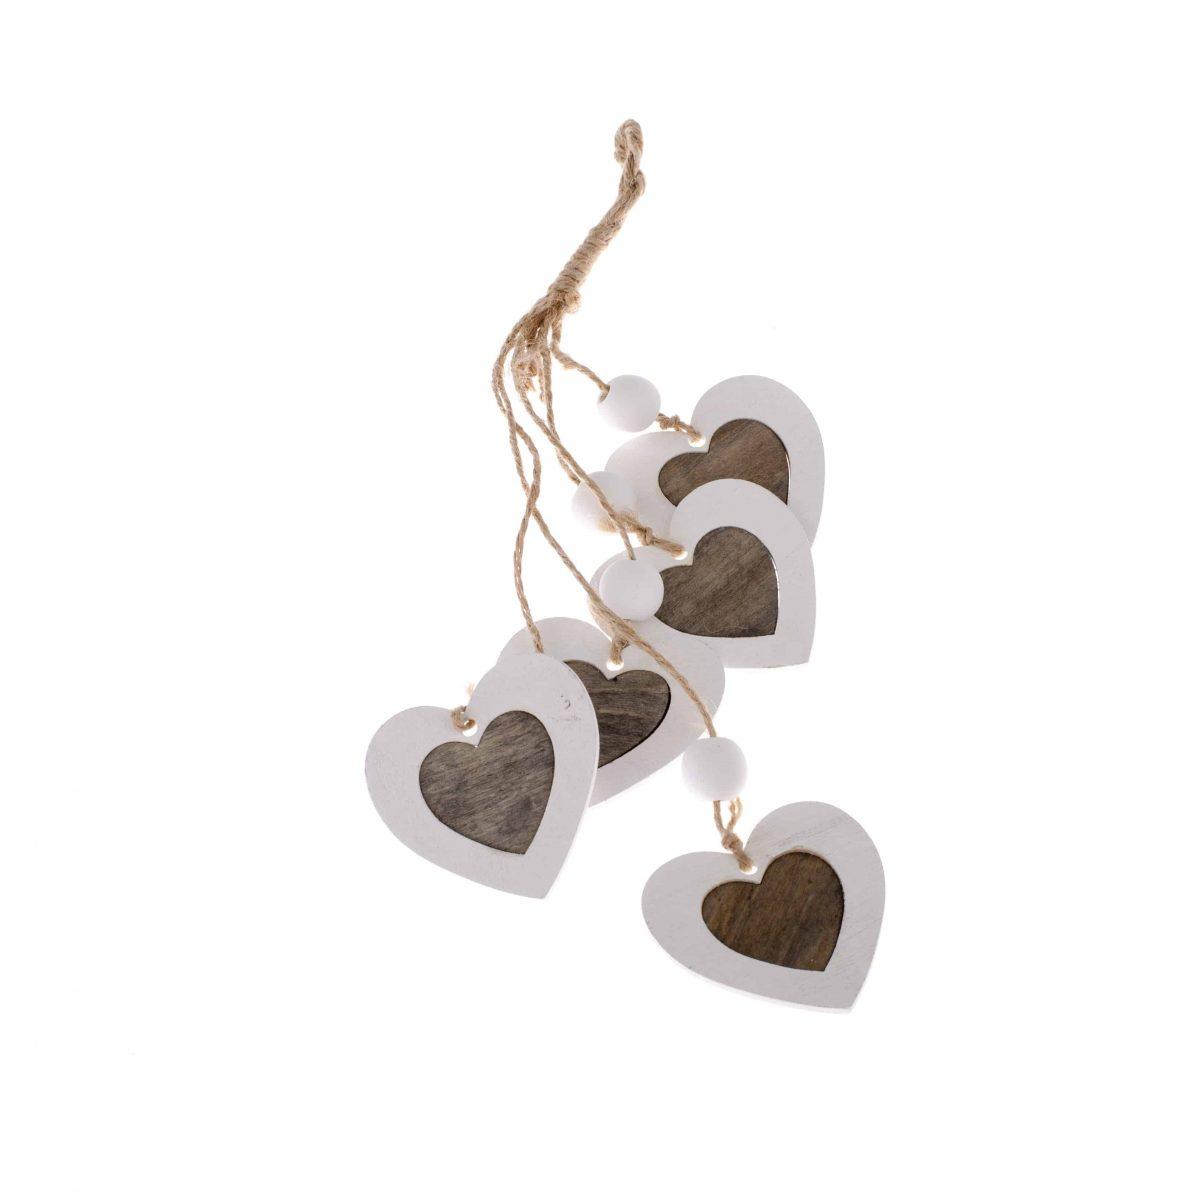 Závesná dekorácia srdce 5 ks